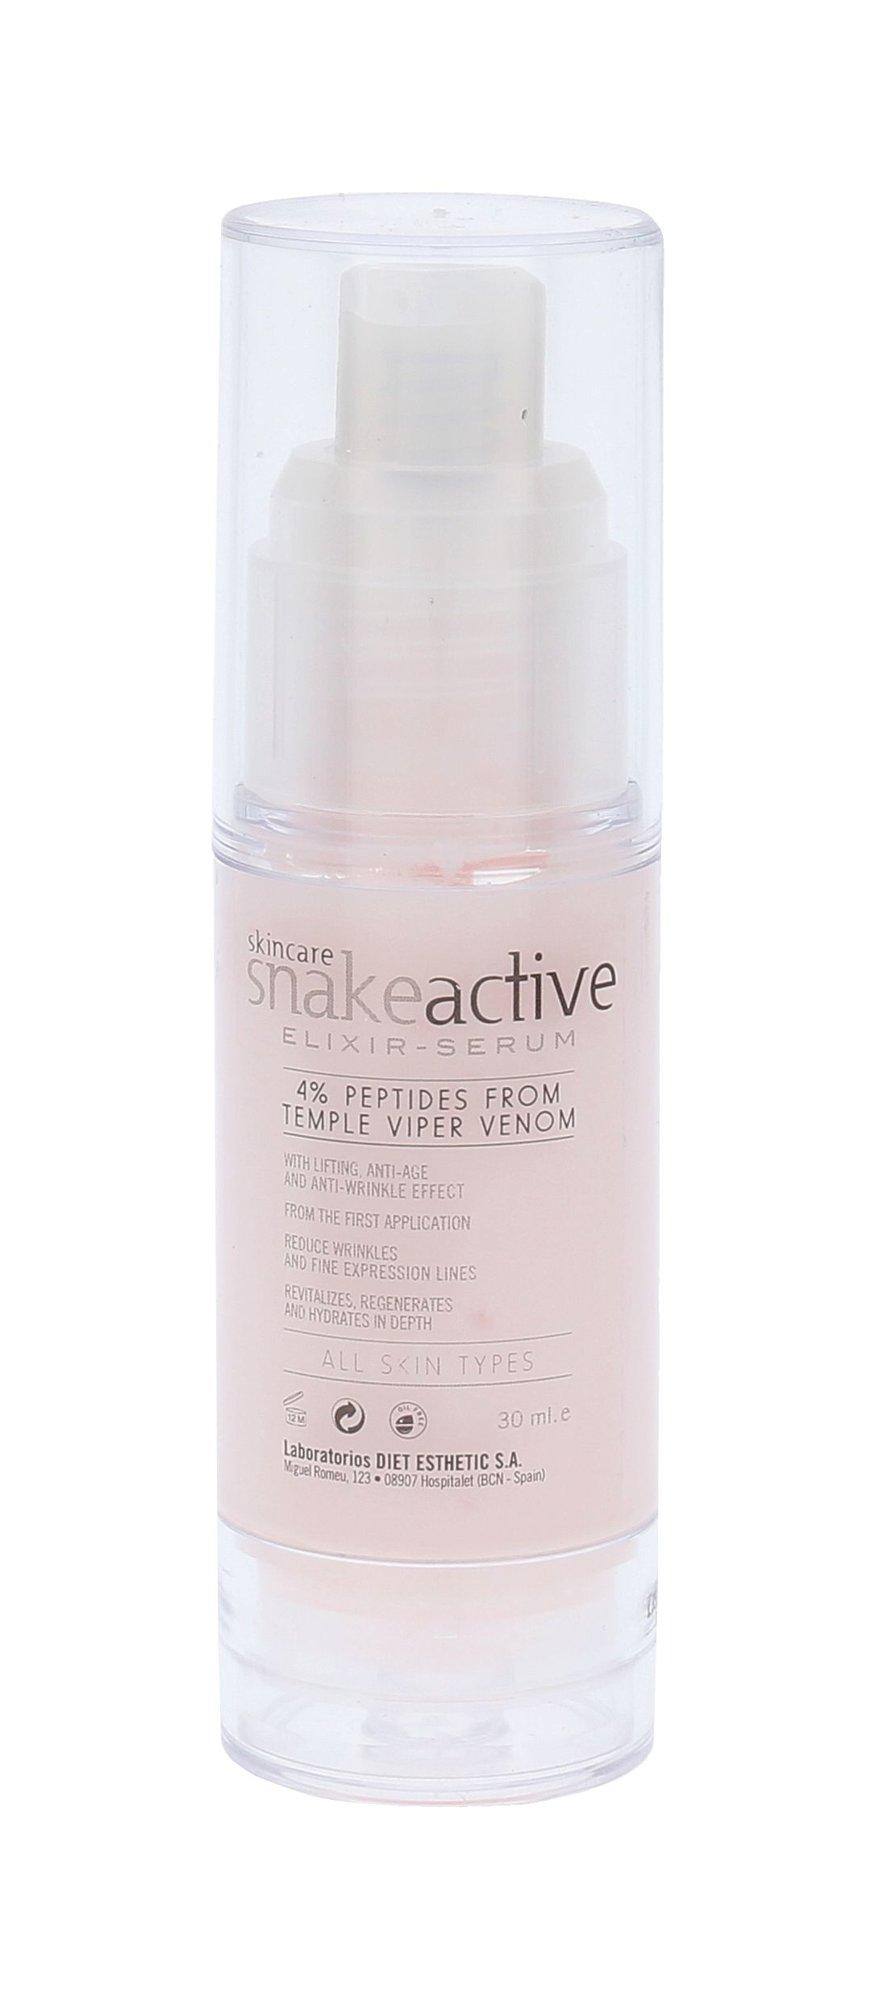 Diet Esthetic Snakeactive Cosmetic 30ml  Elixir Serum